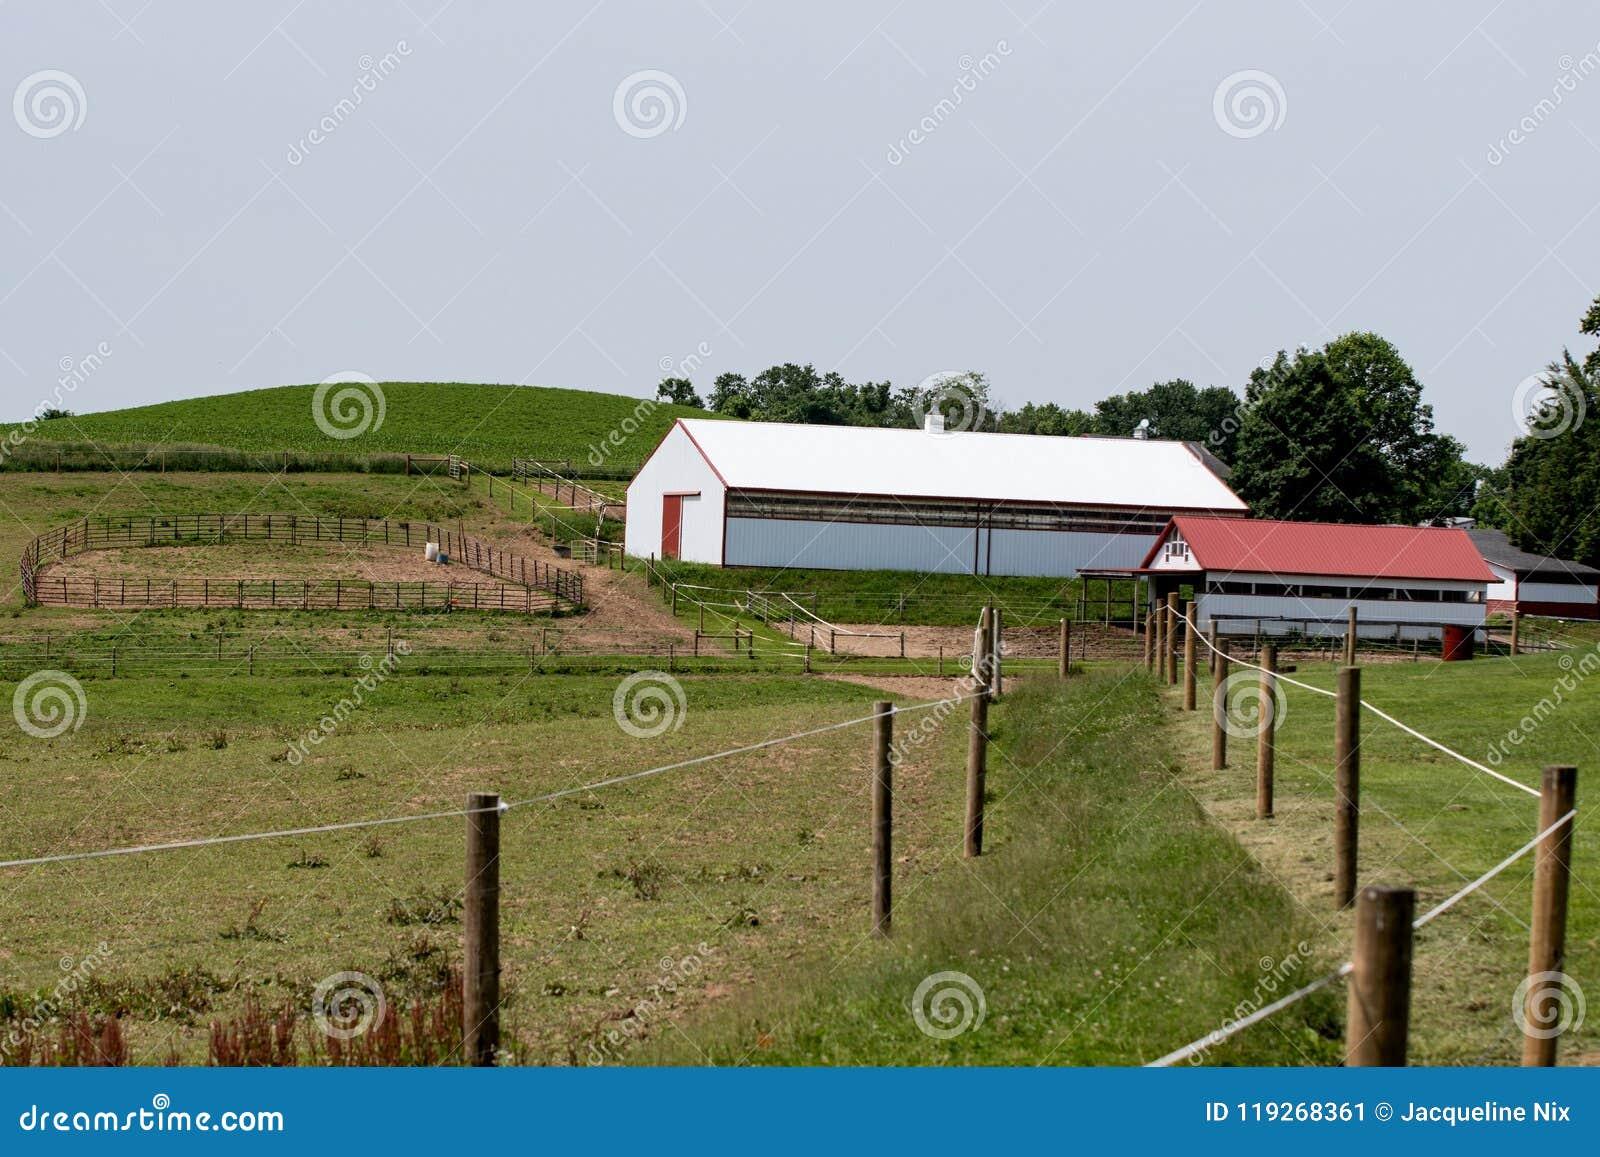 Horse farm in Ohio editorial photo. Image of appalachia - 119268361